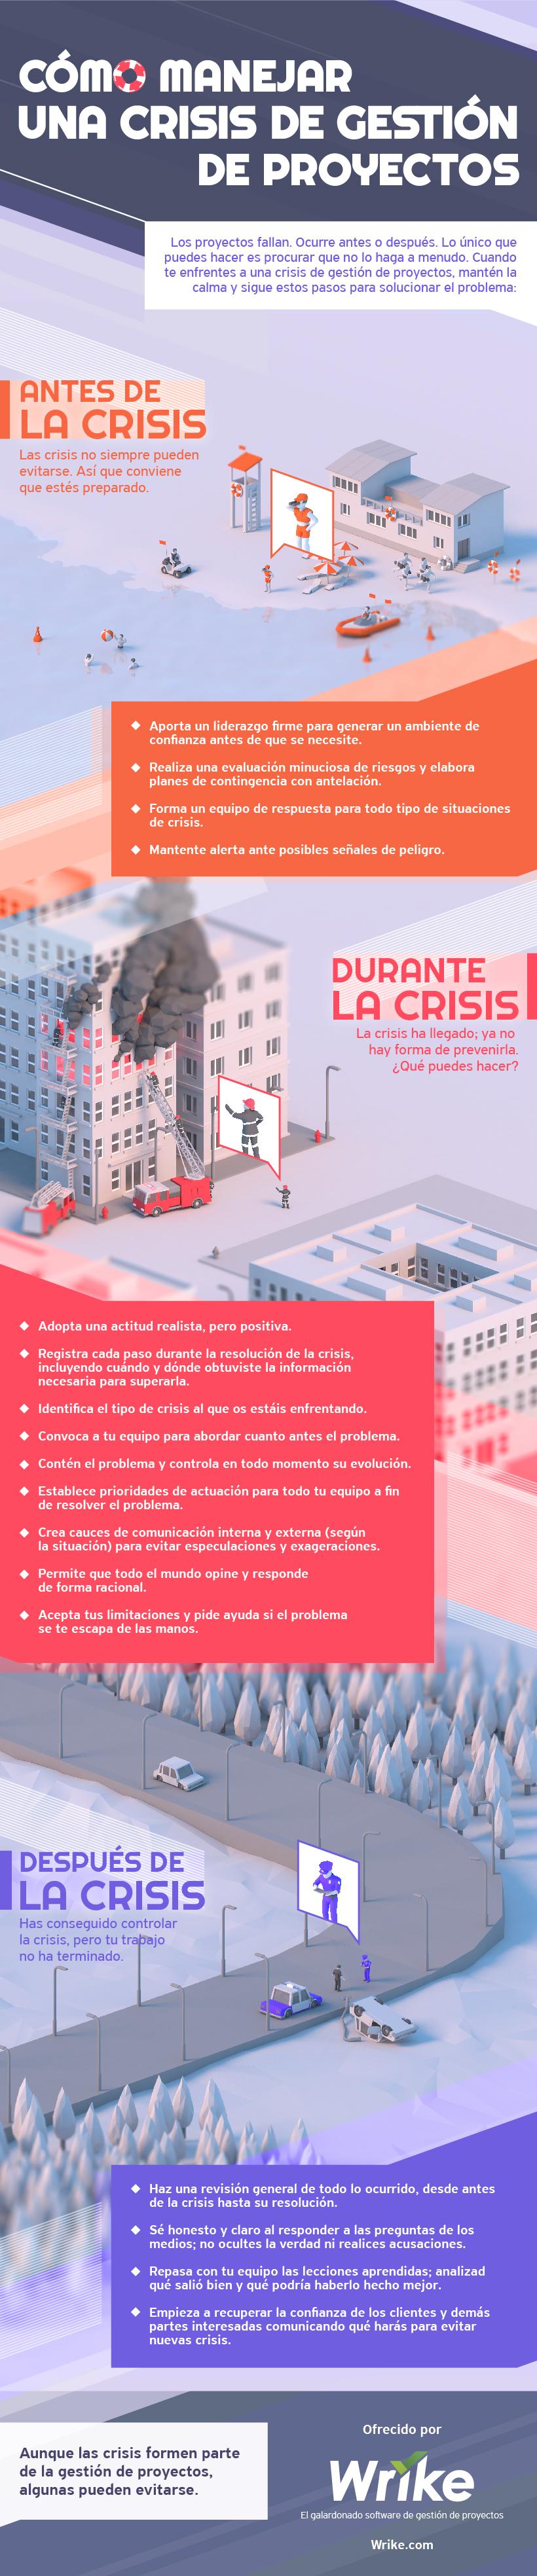 Cómo manejar una crisis de gestión de proyectos (#infografía) width=